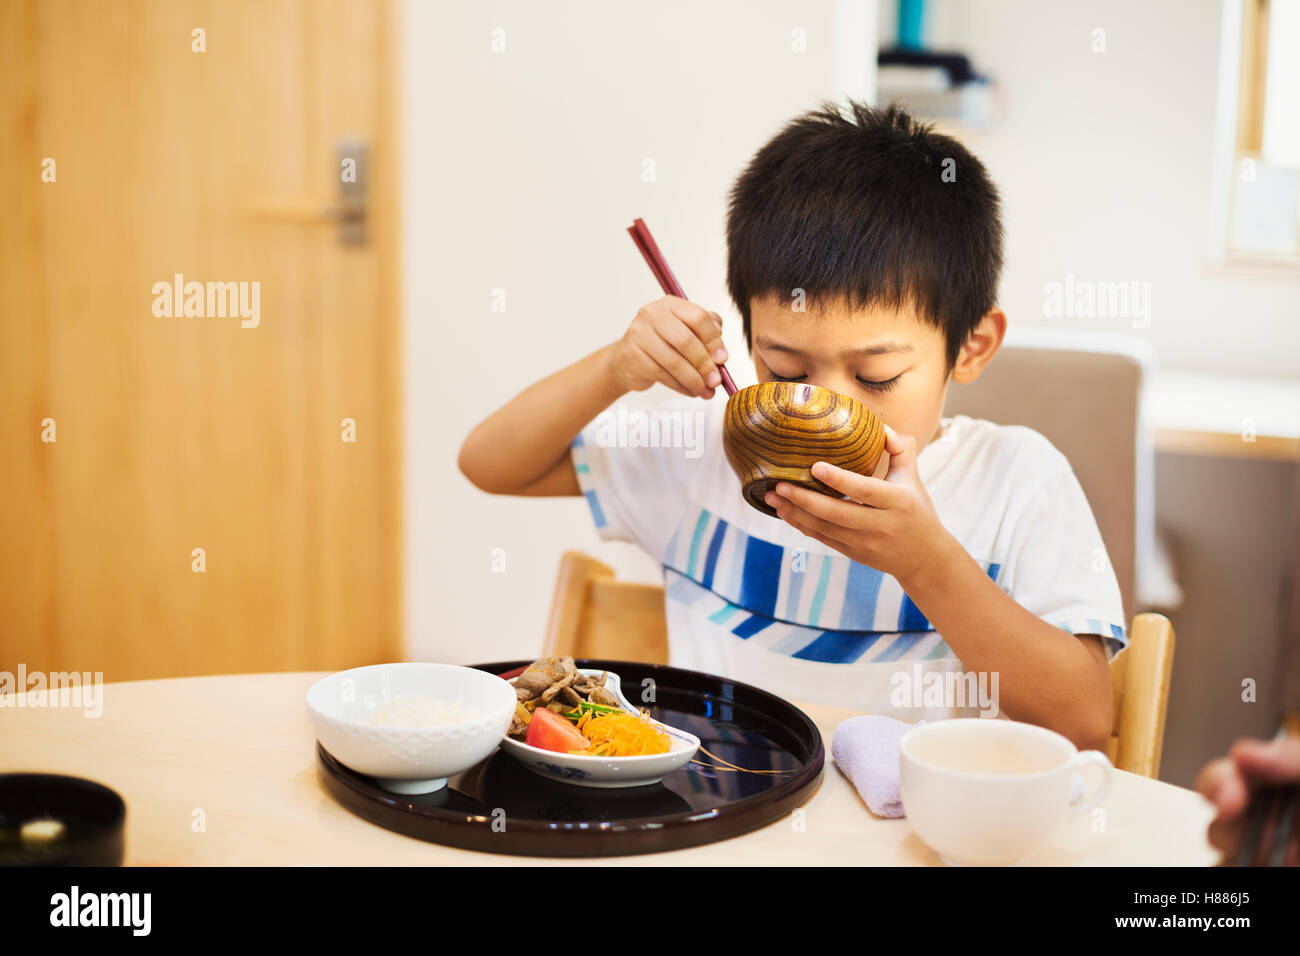 Haus der Familie. Ein Junge eine Mahlzeit. Stockbild